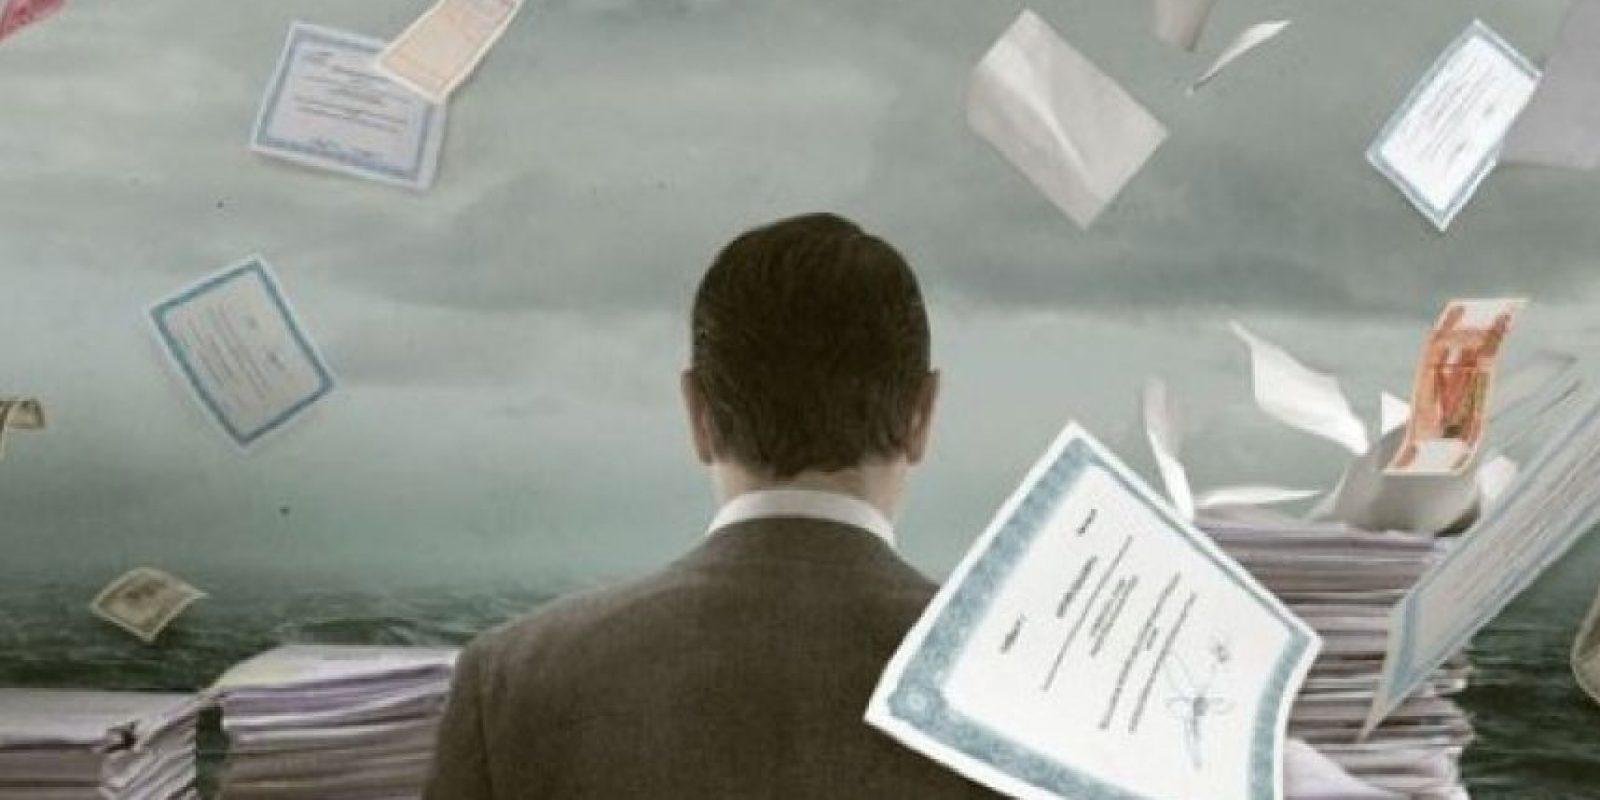 El Consorcio Internacional de Periodistas de investigación publicará la lista completa de compañías y personas vinculadas a la firma a principios de mayo Foto:panamapapers.icij.org